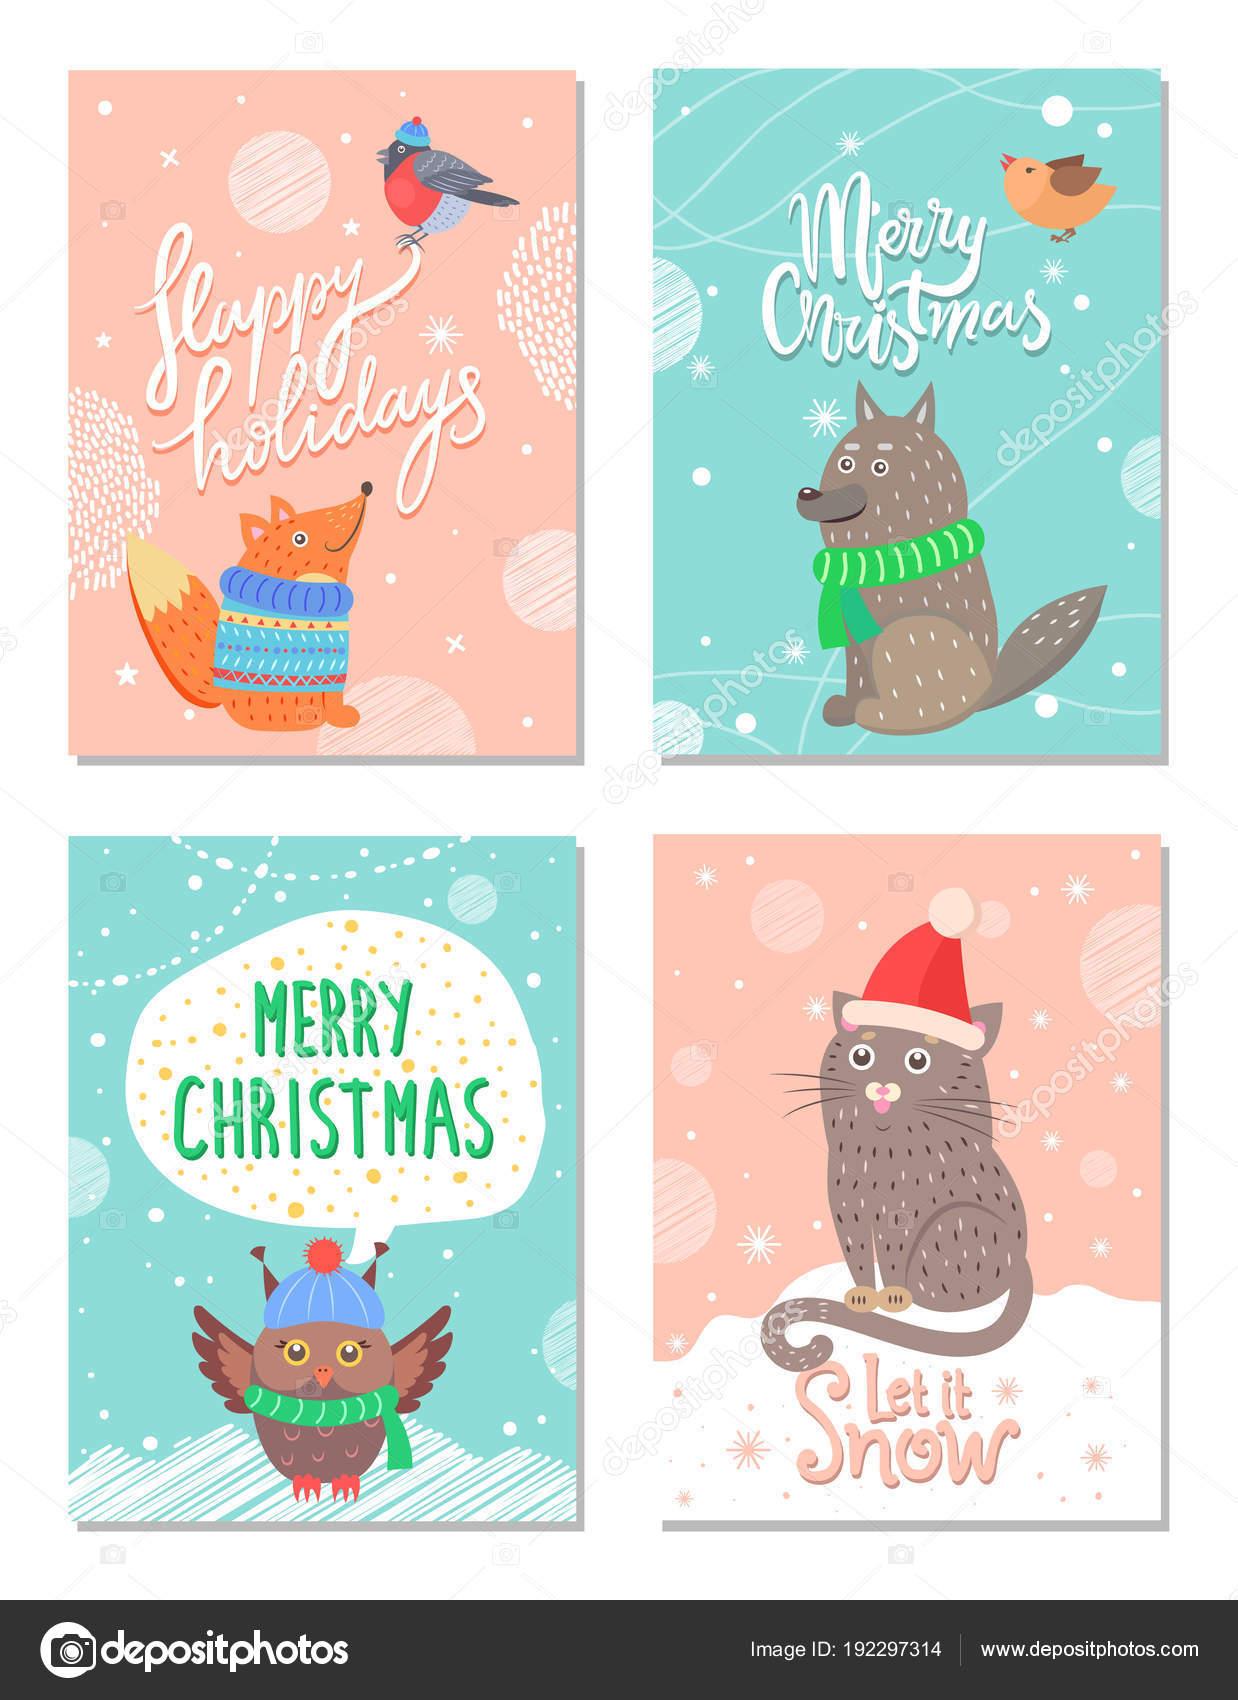 Buon Natale Anni 60.Buon Natale E Buone Feste Anni 60 Cartoline Vettoriali